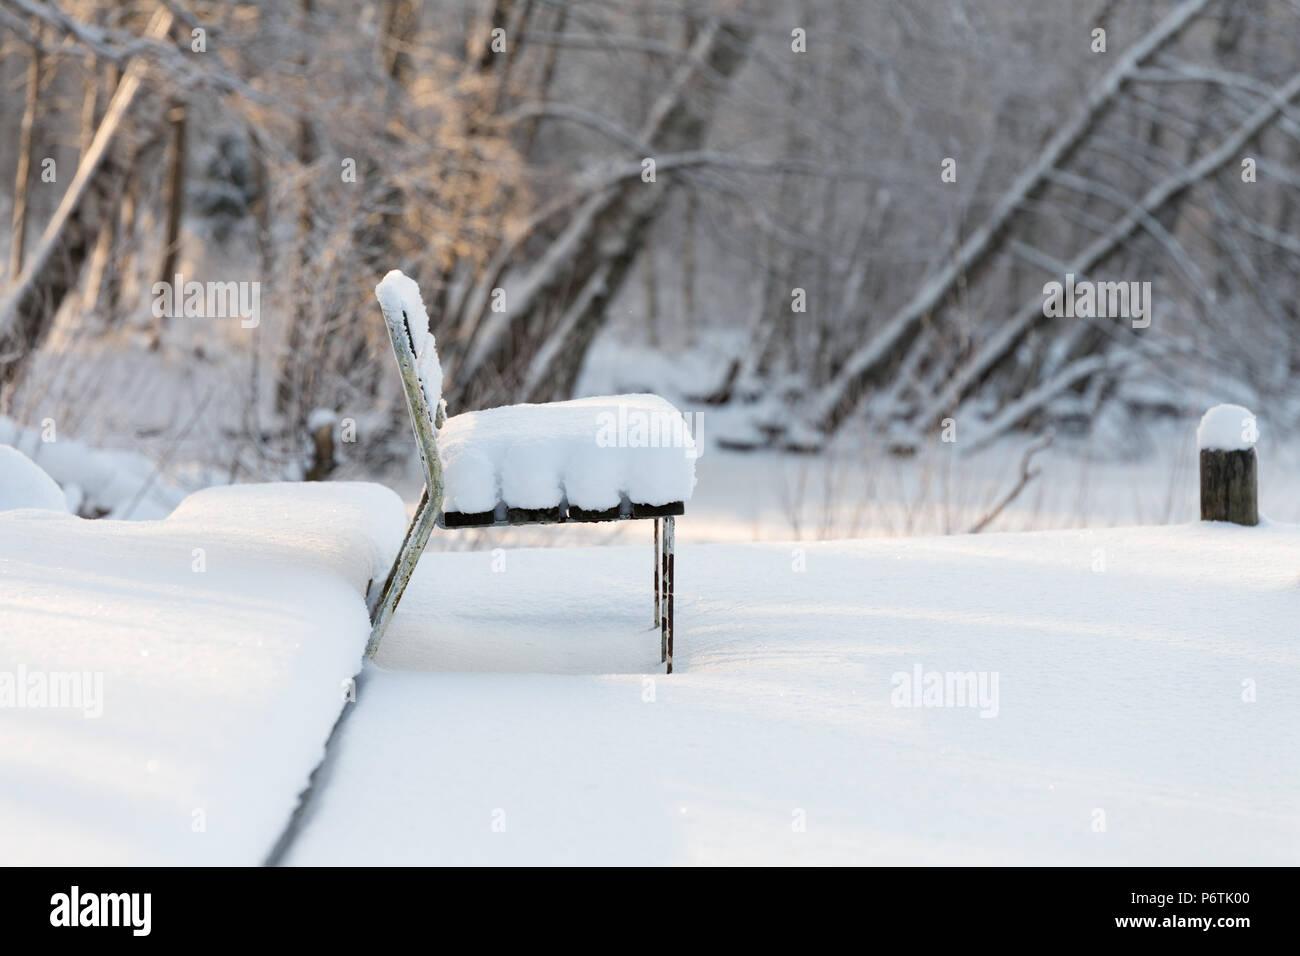 Banc solitaire couverts d'épaisseur de neige intacte avec rivière gelée et arbres givré Photo Stock